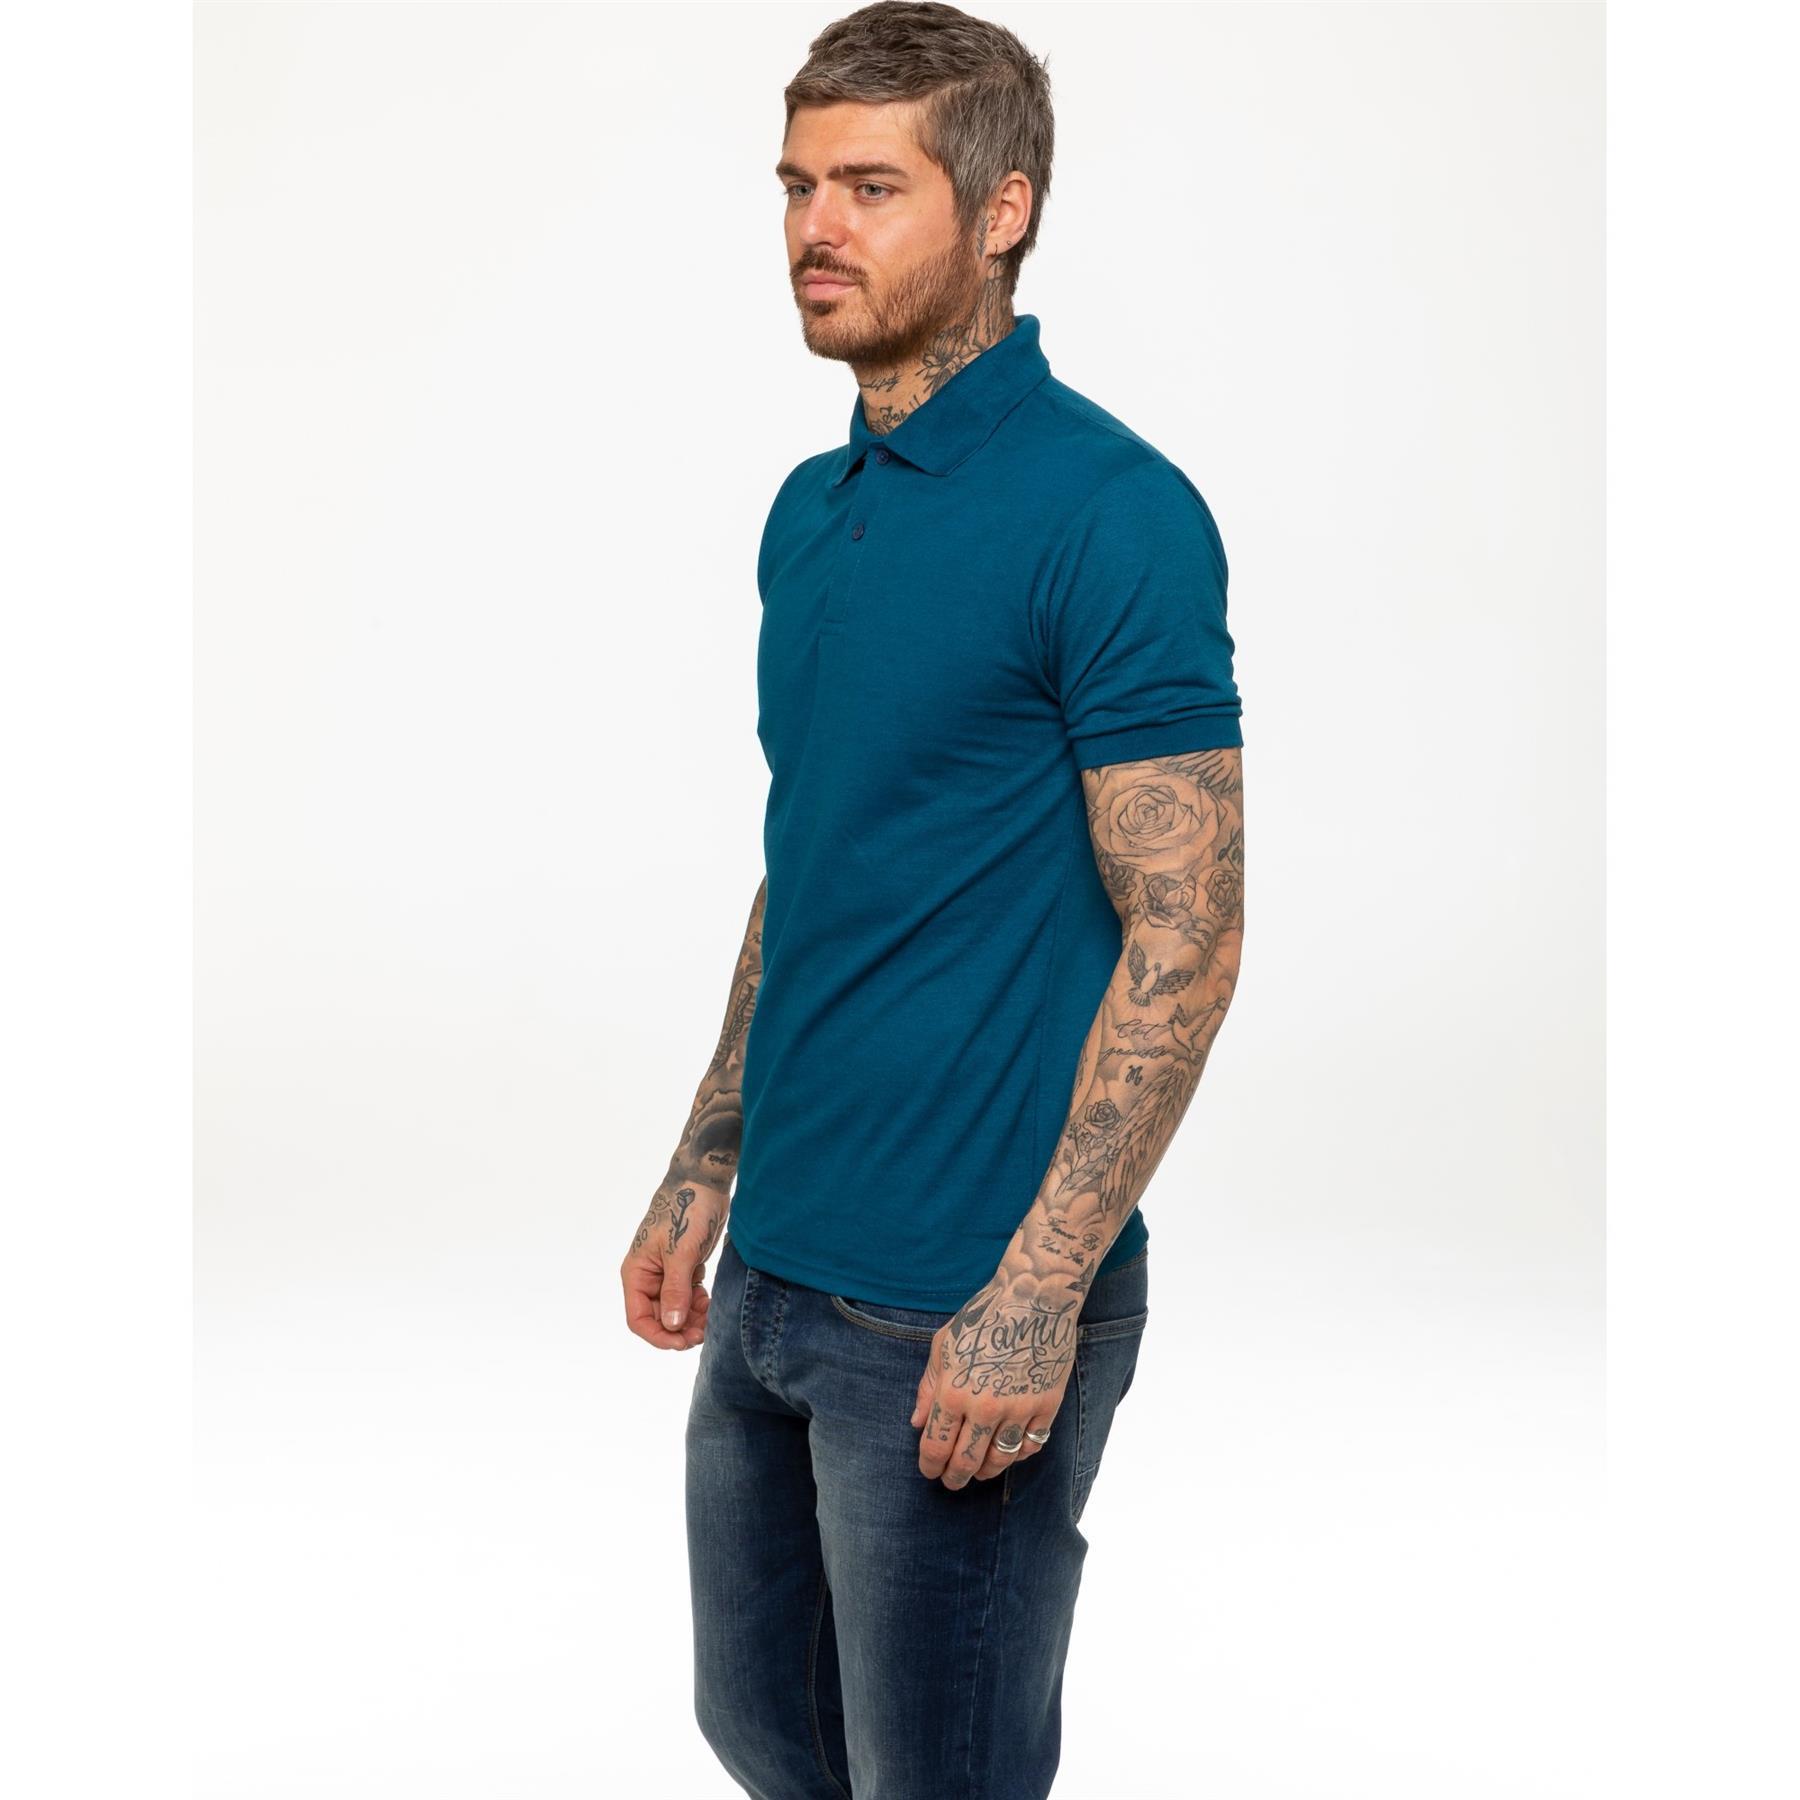 Indexbild 30 - Herren Polohemd Freizeit T-Shirts Neu Schlicht Kurzärmeliges Regular Fit